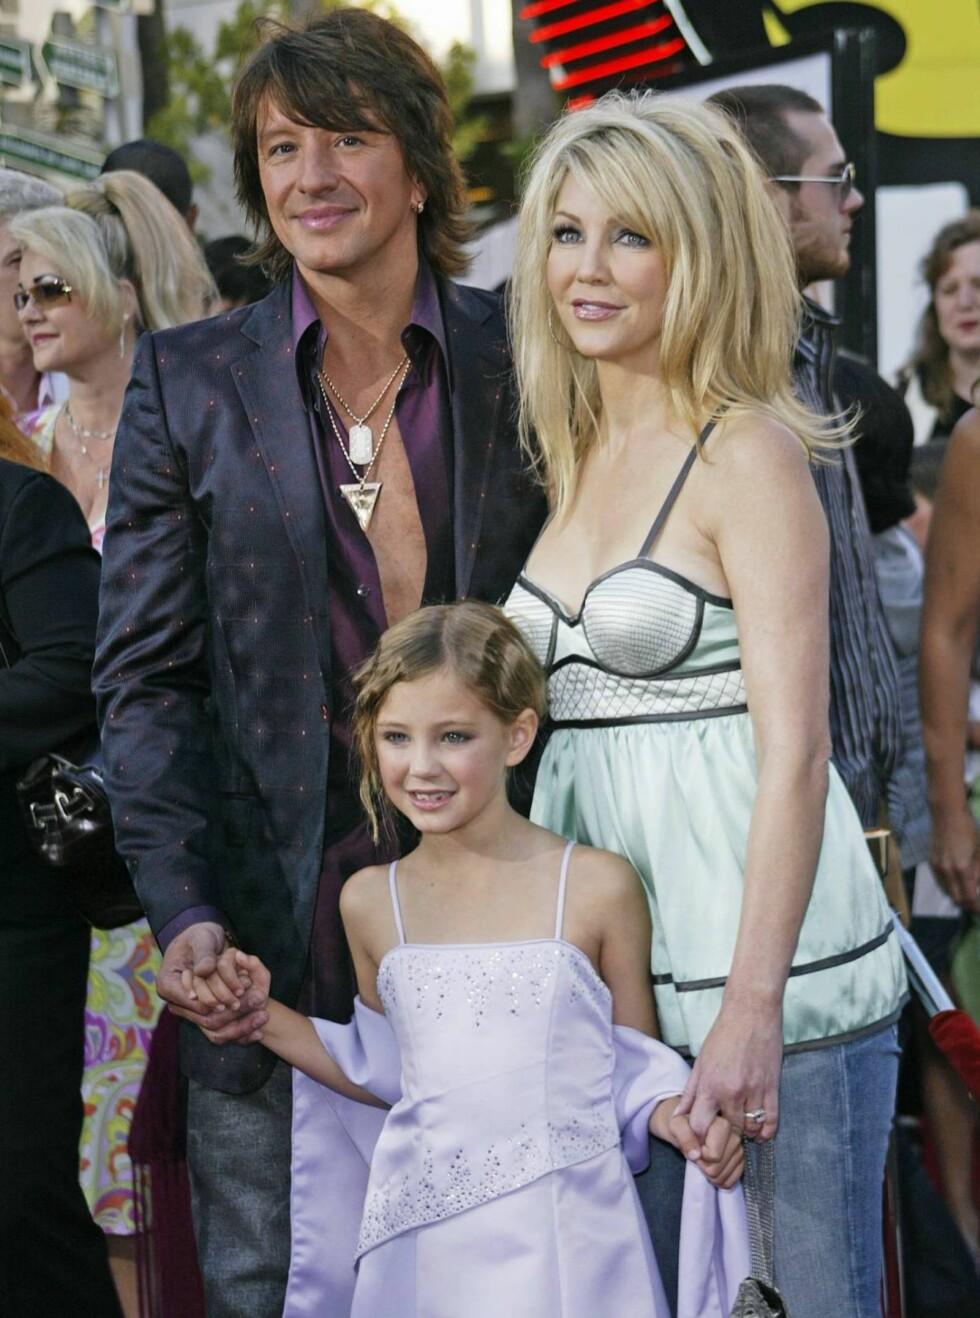 SLUTT: Richie Sambora og Heather Locklear med datteren Ava Elizabeth da alt var fryd og gammen. Foto: All Over Press